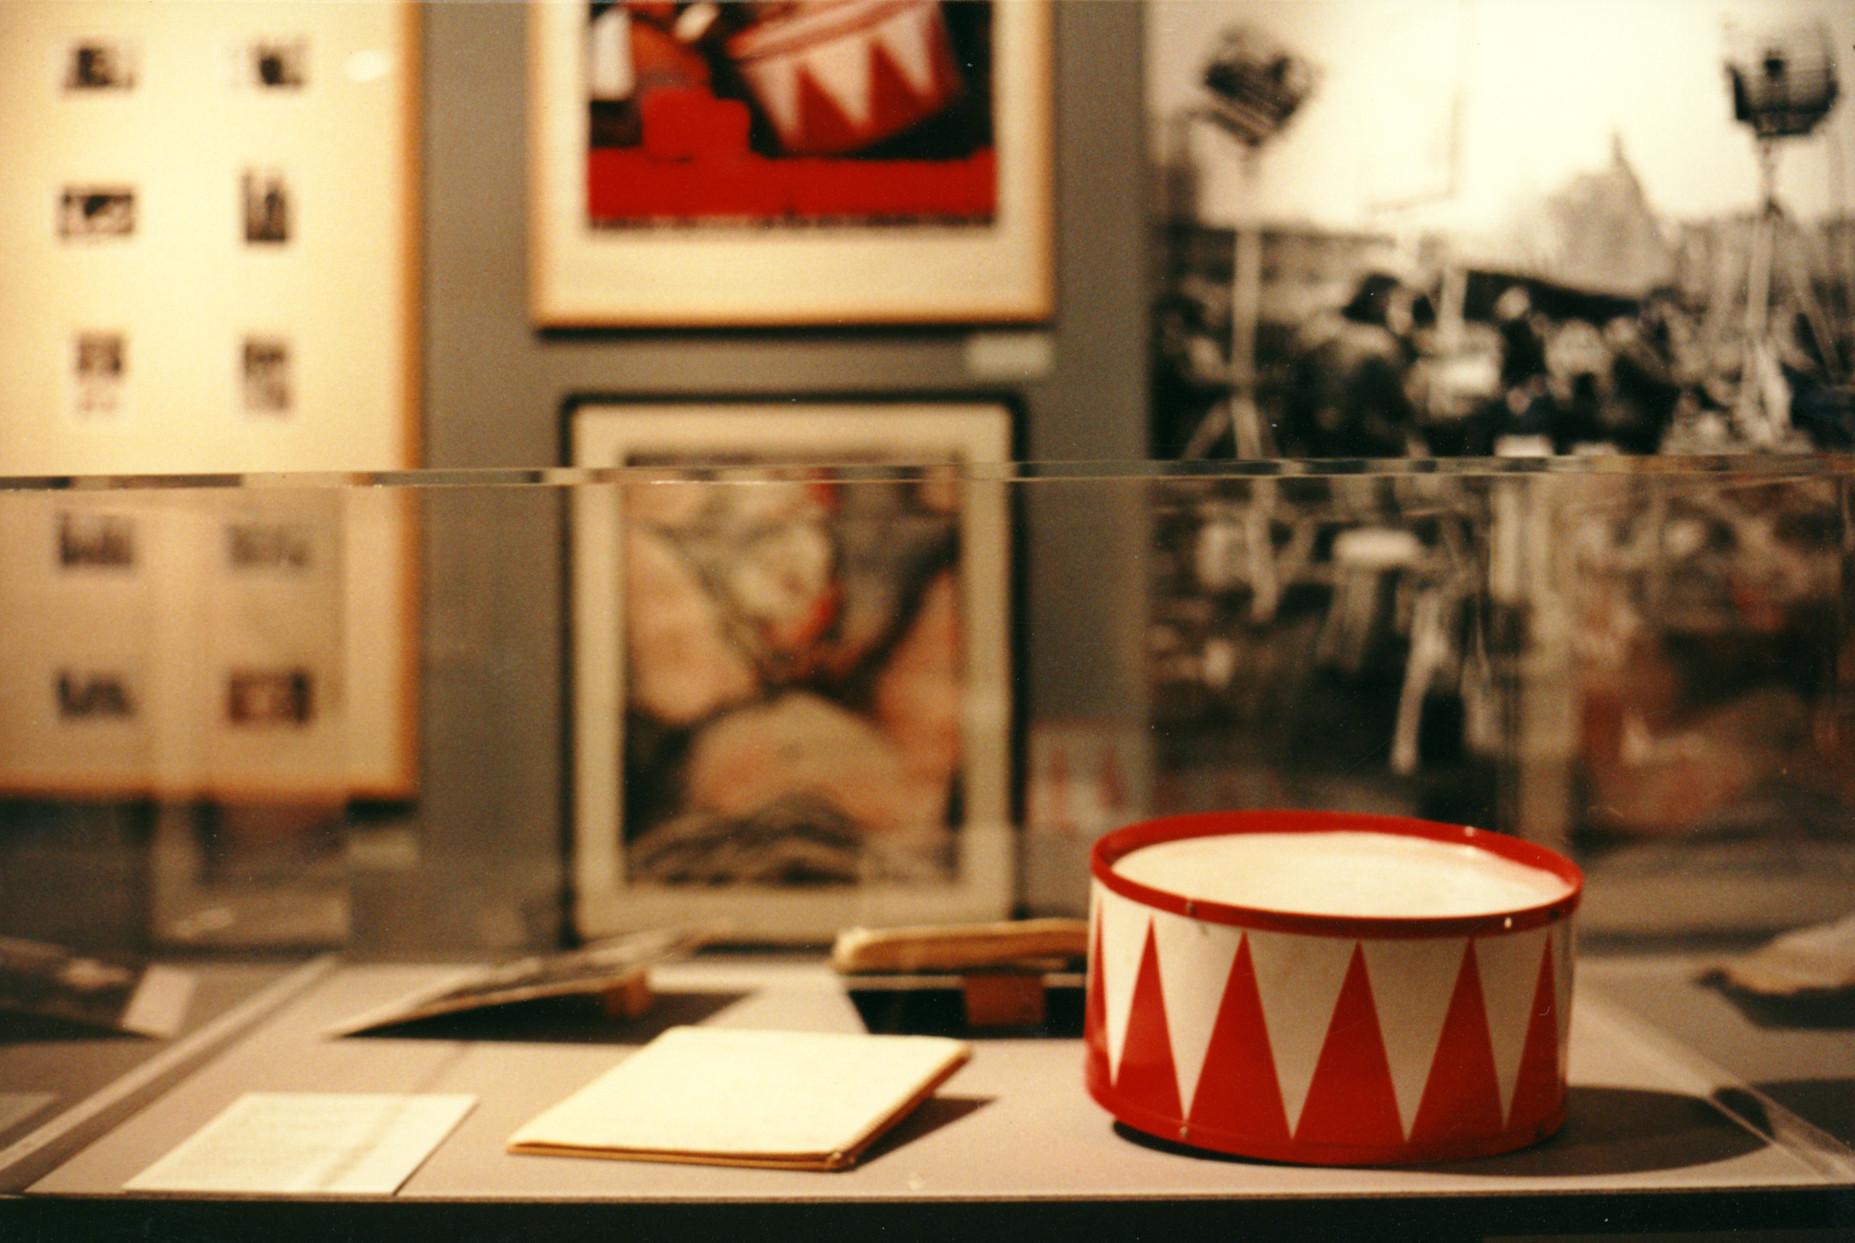 Ausstellung 1996 Volker Schlöndorff. Von DER JUNGE TÖRLESS bis DER UNHOLD